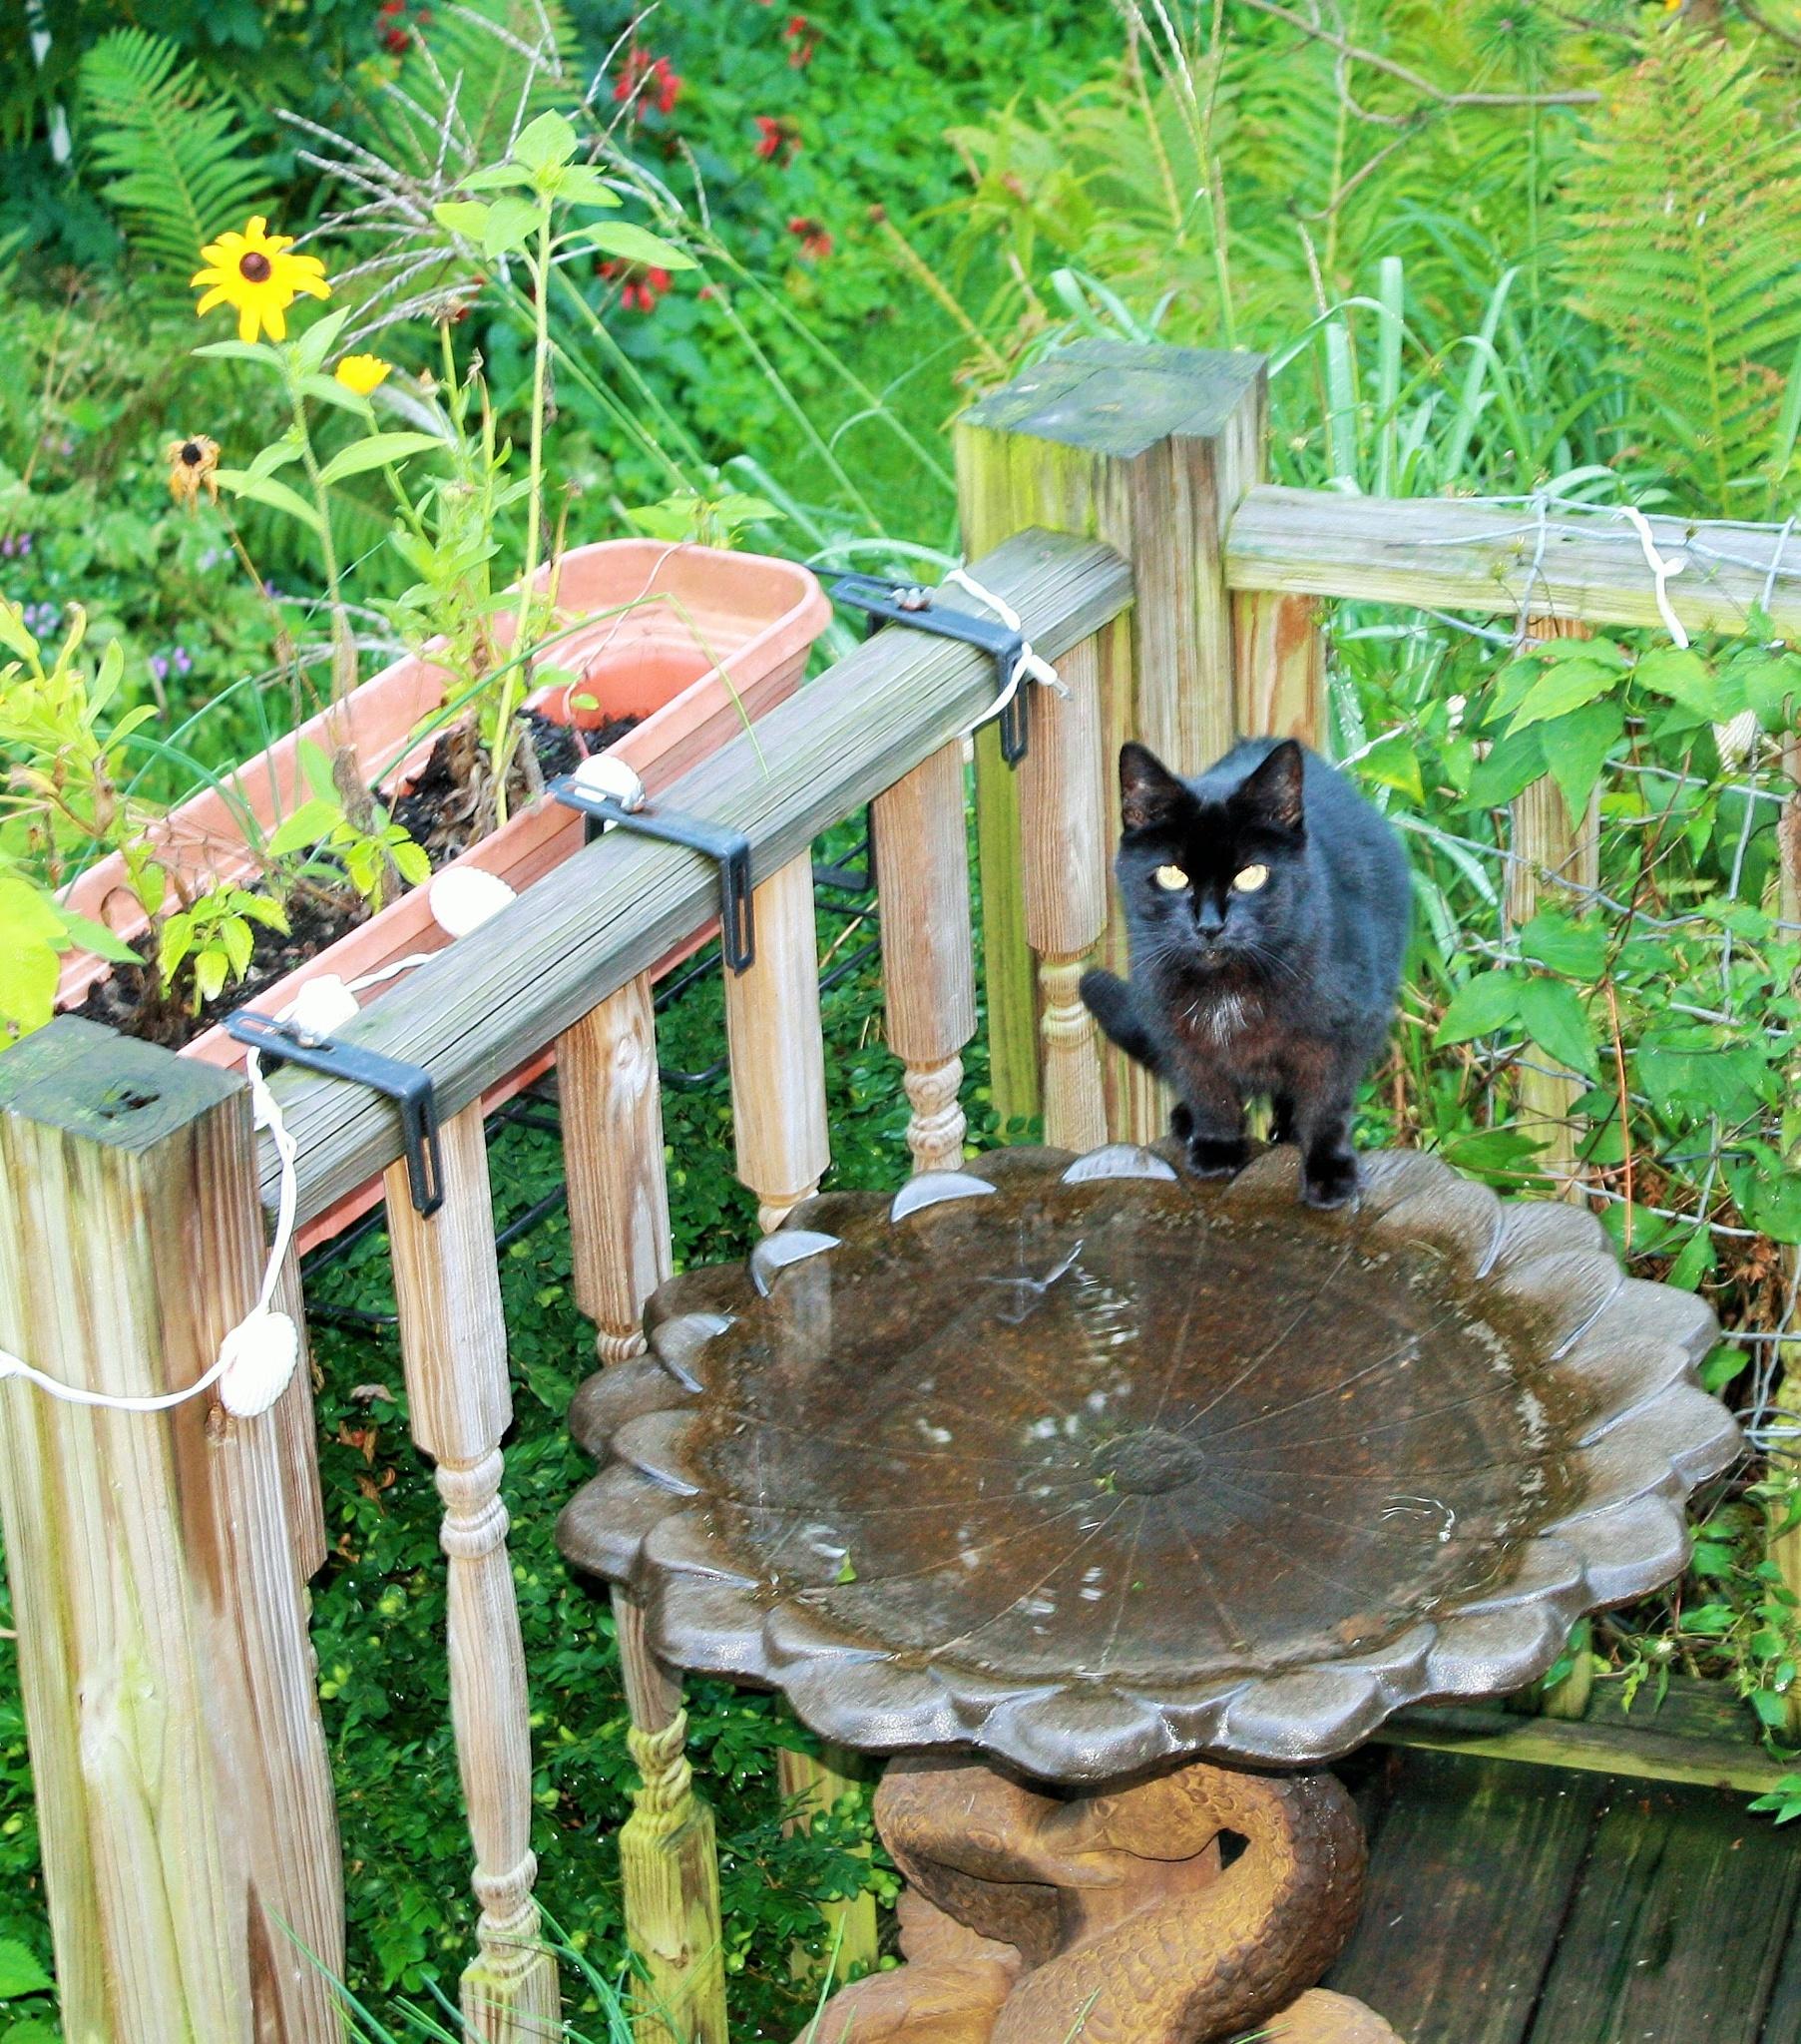 Cat in a Bath by joann.kunkle